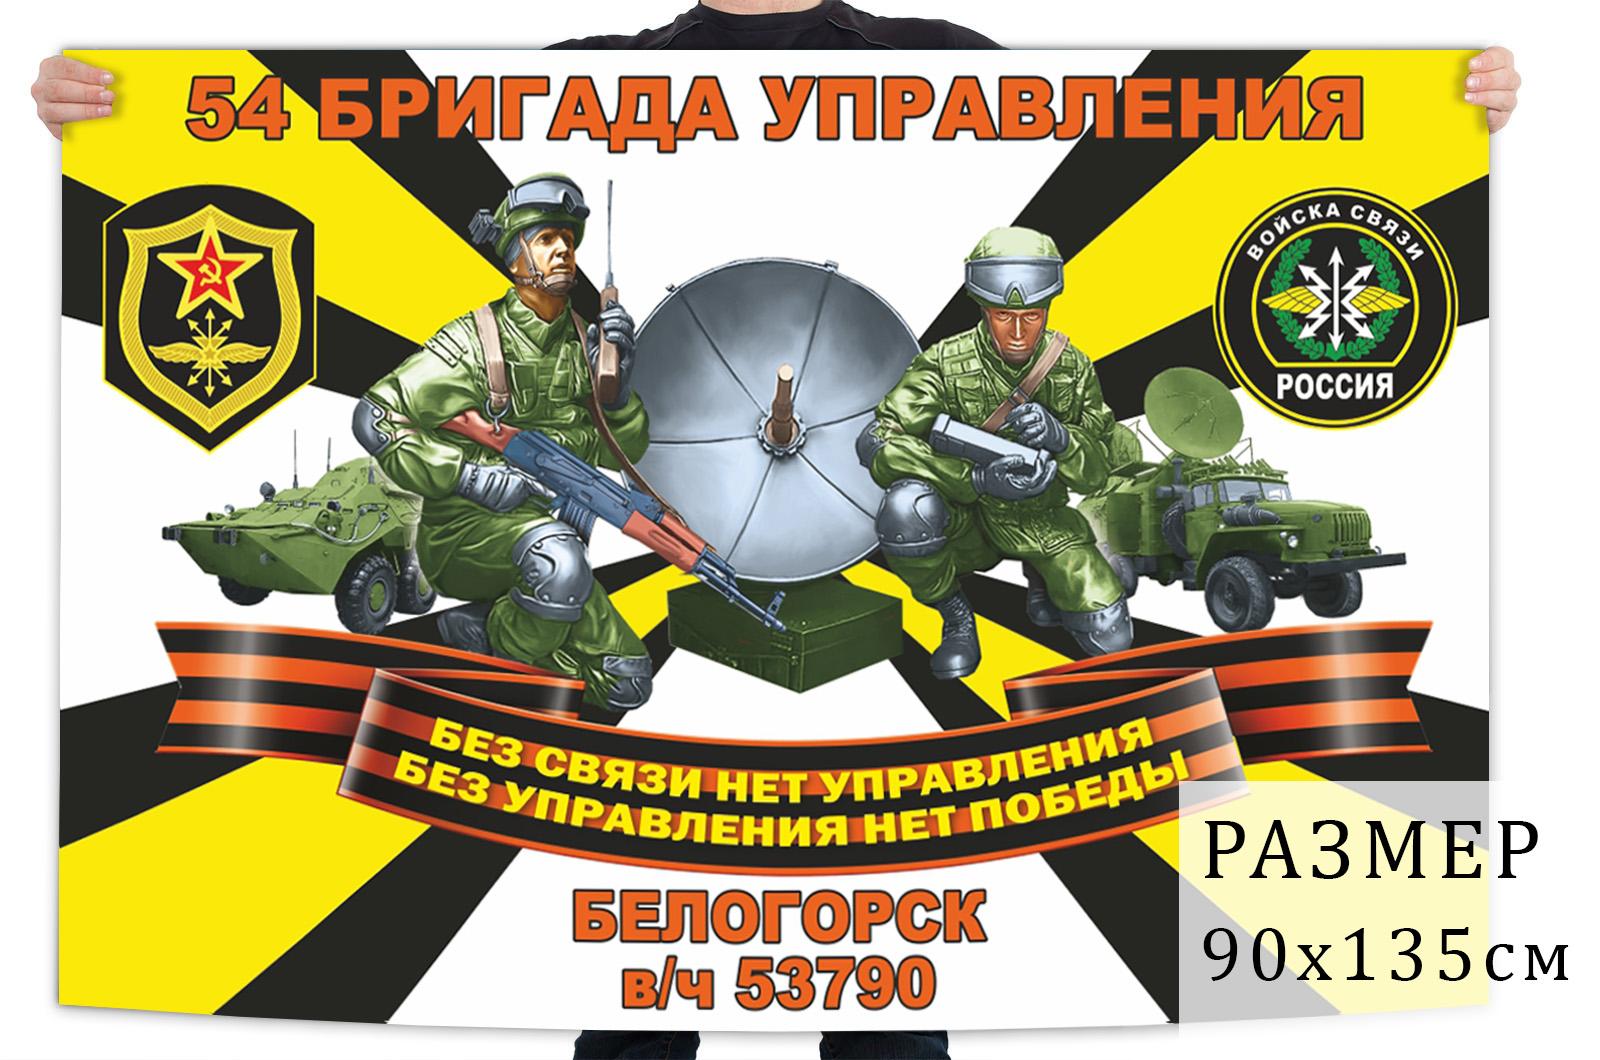 Флаг 54 бригады управления войск связи